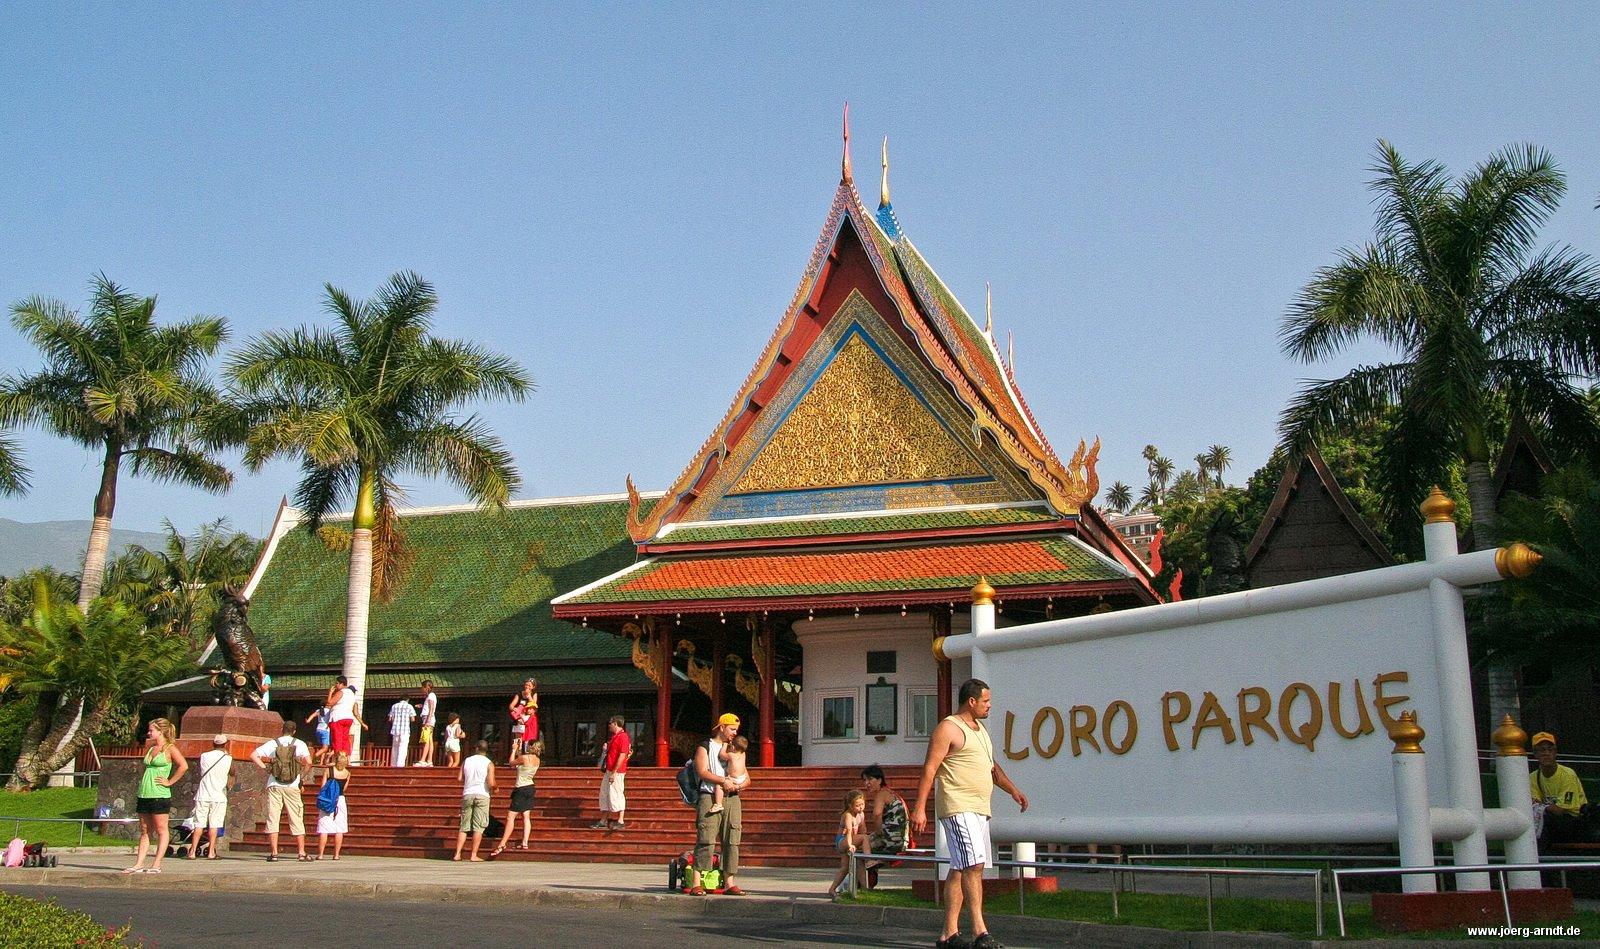 Rundgang durch den Loro Parque - Puerto de la Cruz - Teneriffa.